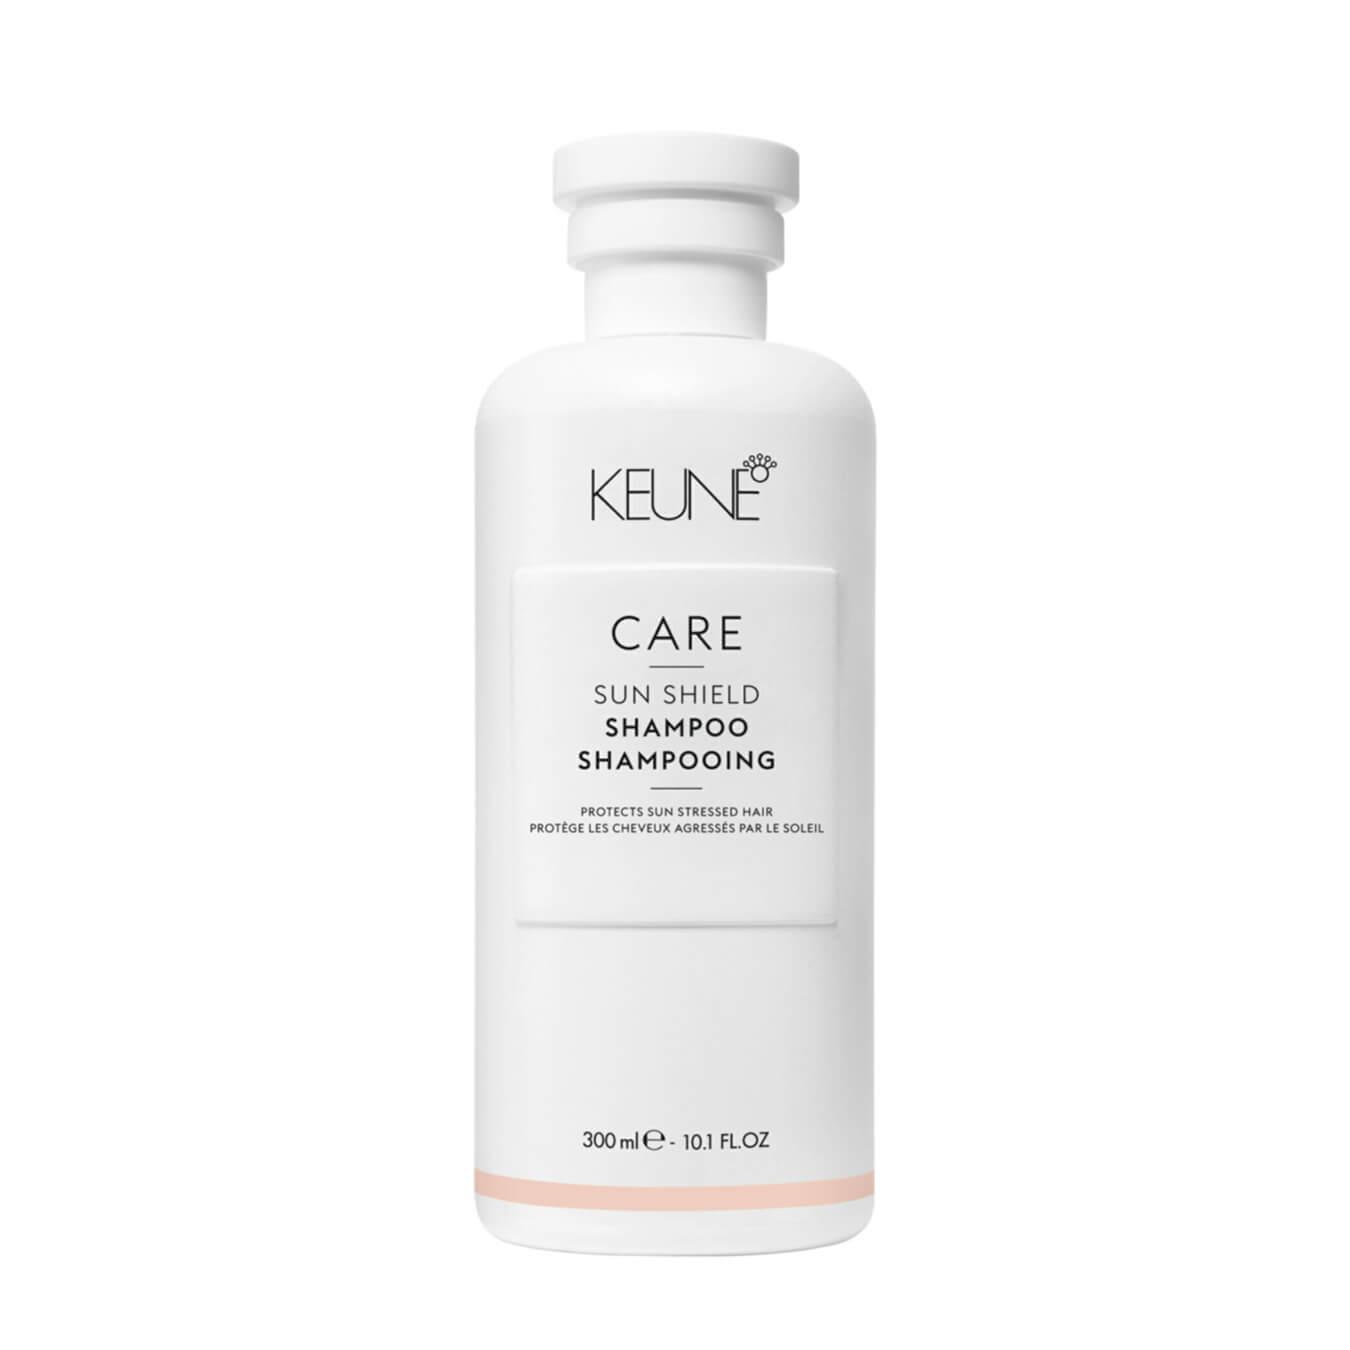 Kauf Keune Care Sun Shield Shampoo 300ml